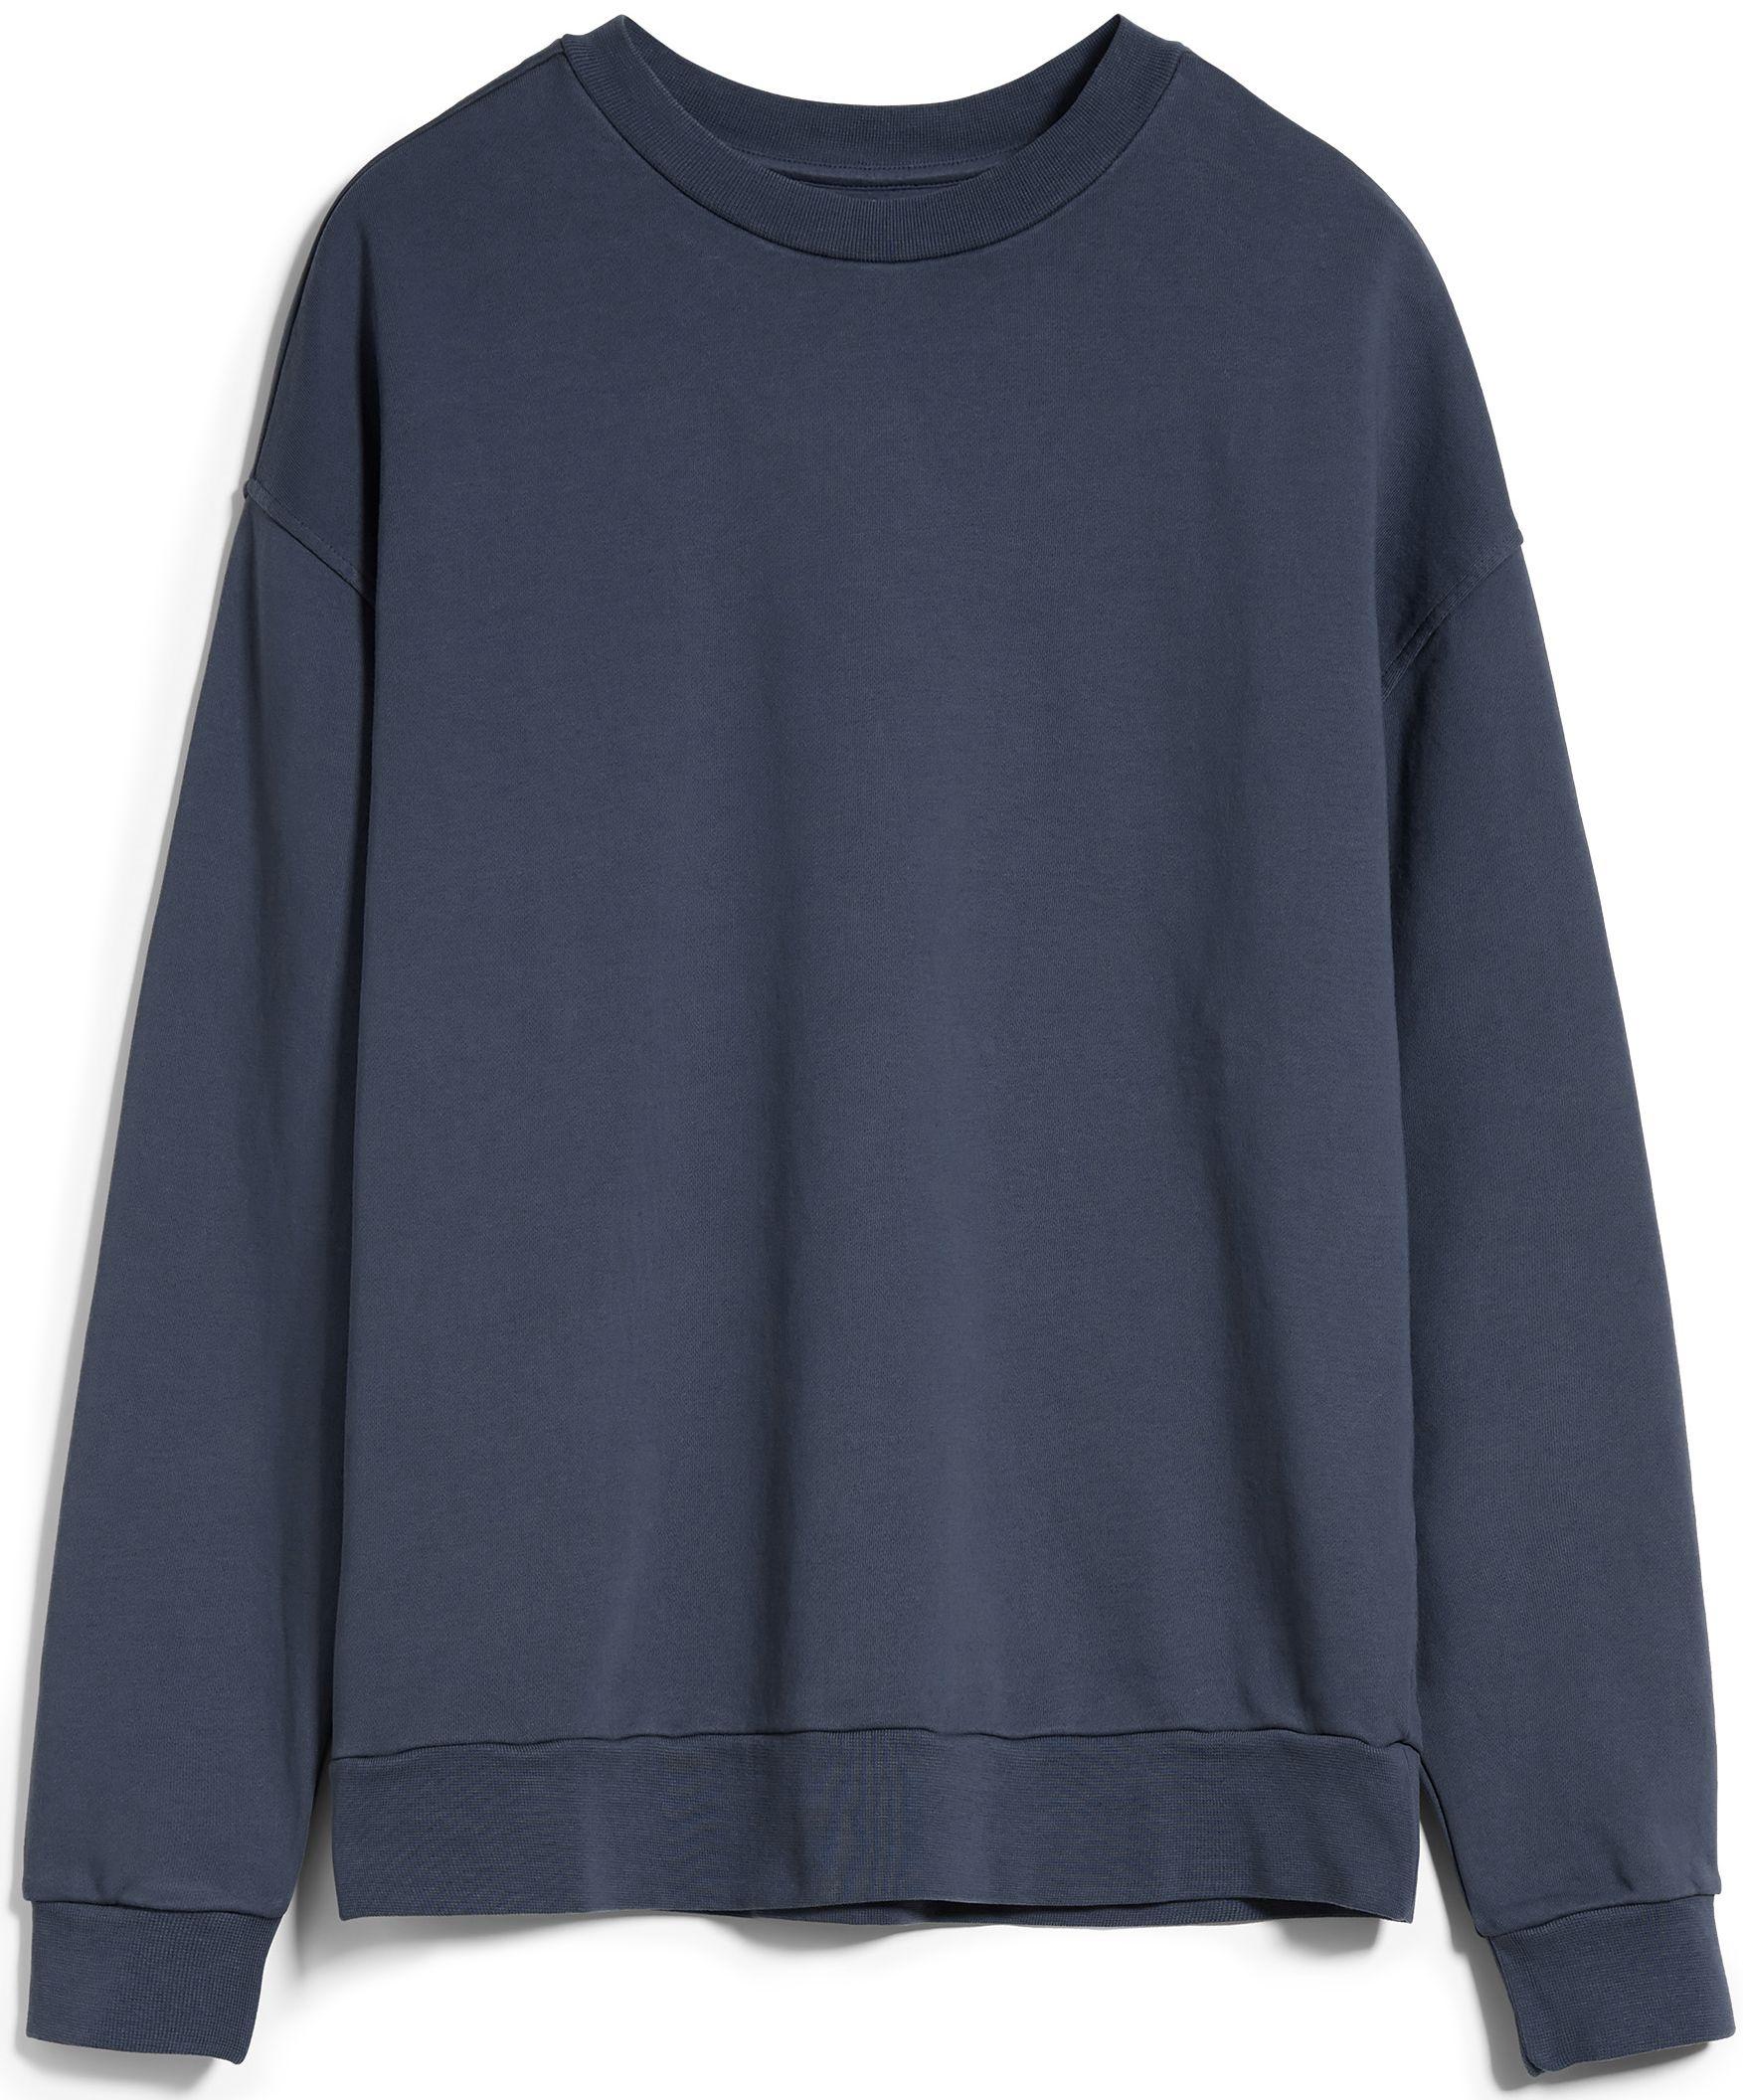 Sweatshirt AARIN EARTHCOLORS natural indigo